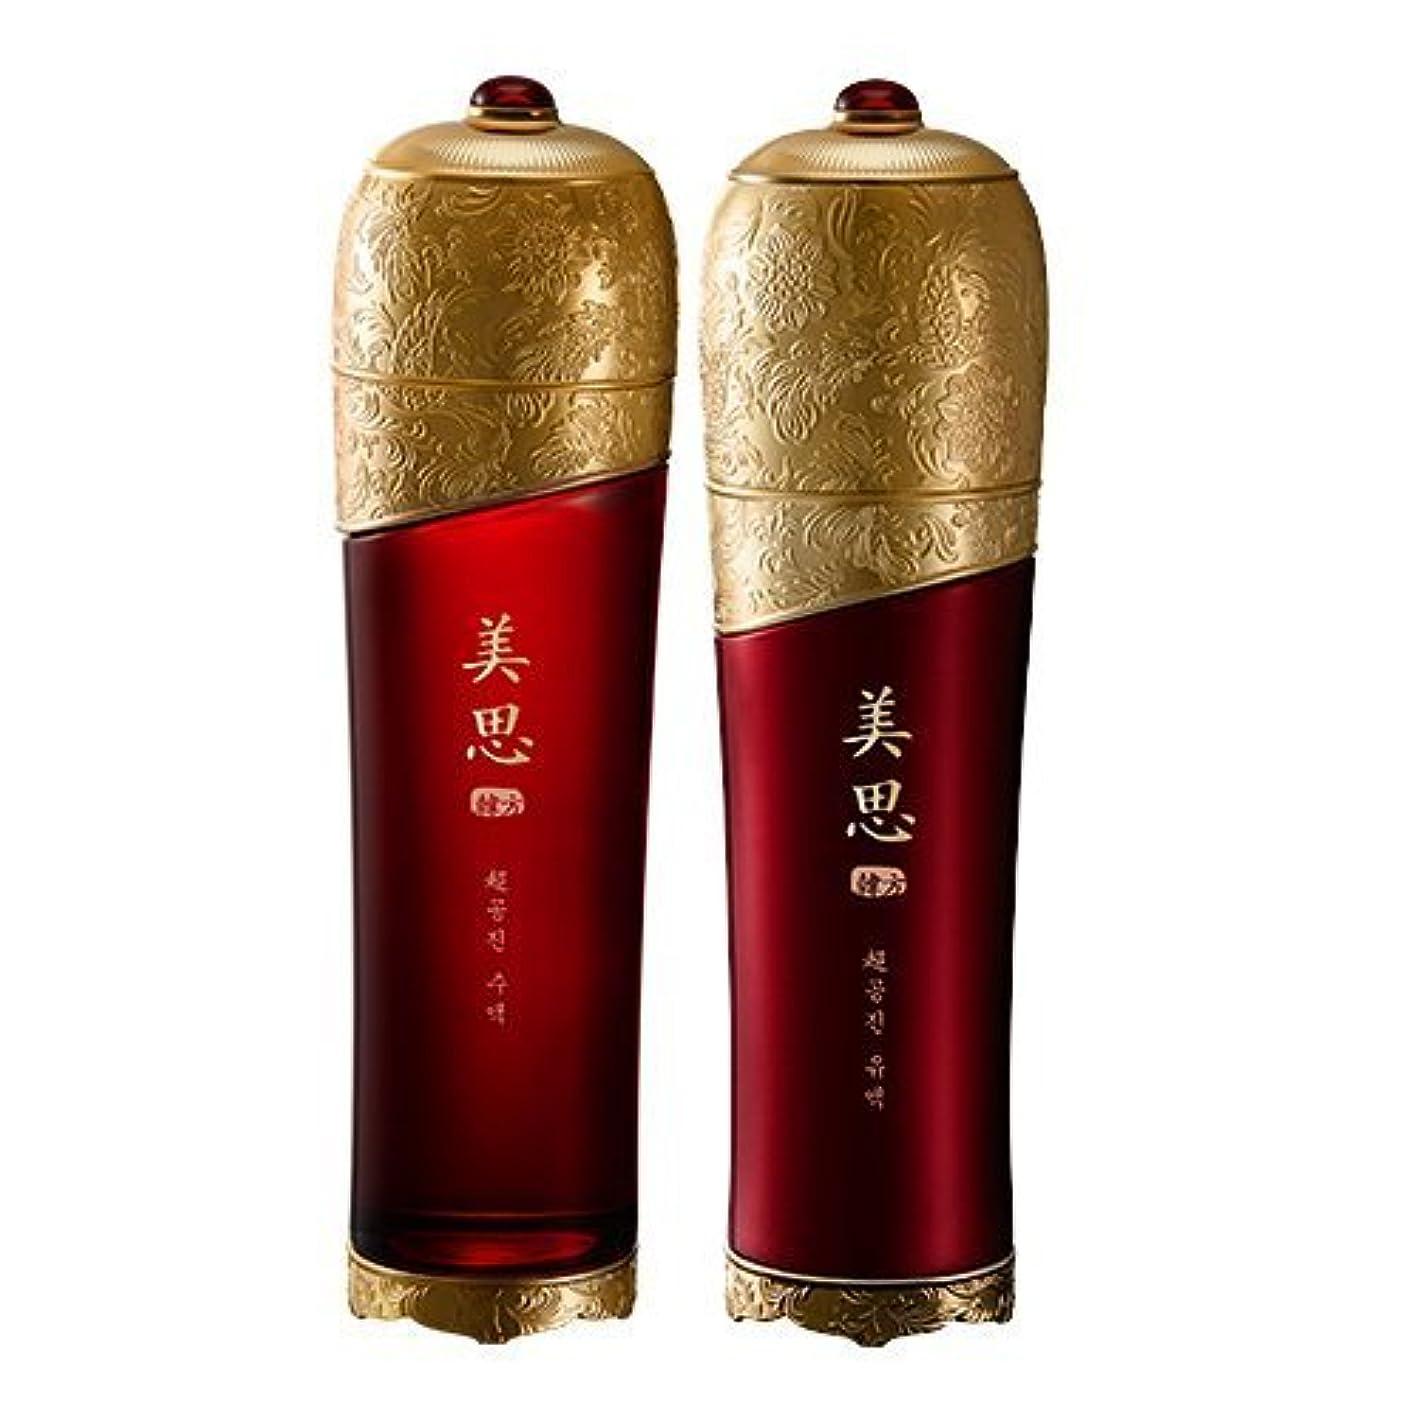 筋肉の約束するヘアMISSHA(ミシャ) 美思 韓方 チョゴンジン 基礎化粧品 スキンケア 化粧水+乳液=お得2種Set